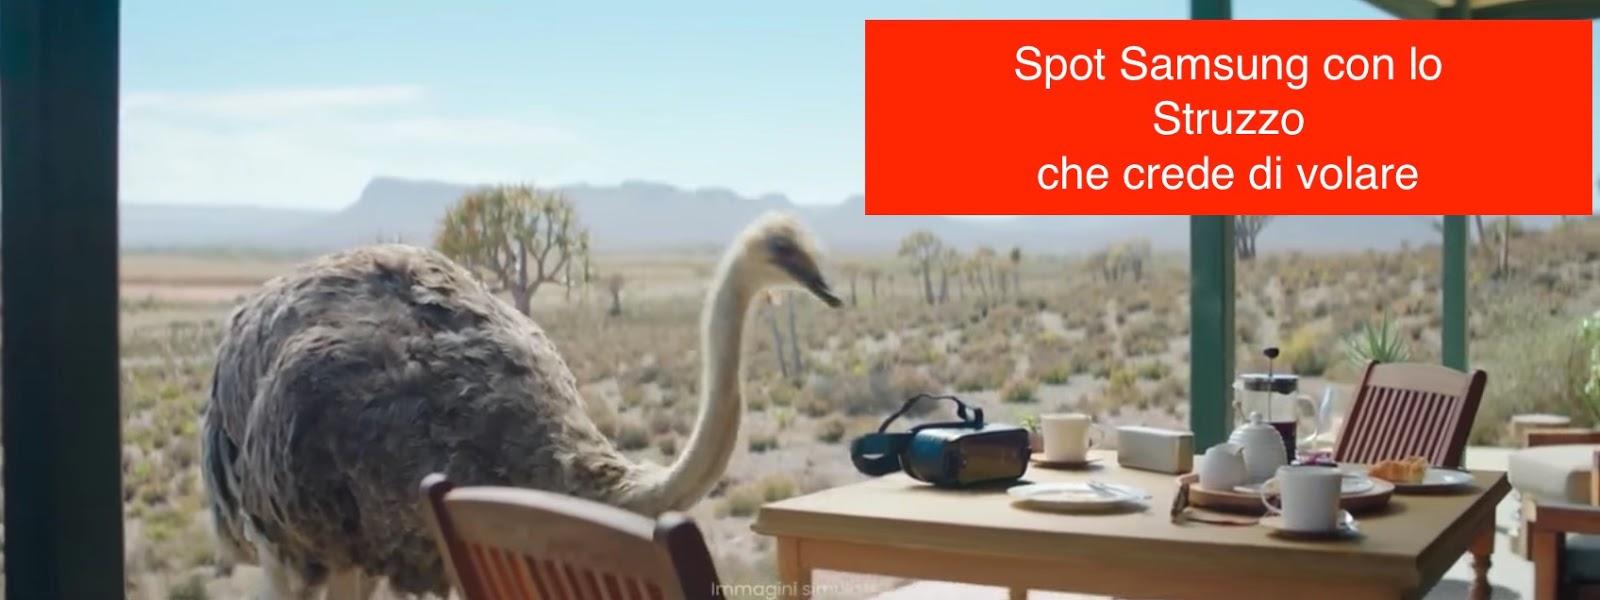 Canzone Pubblicità Samsung Struzzo che vola – Musica Spot Marzo 2017